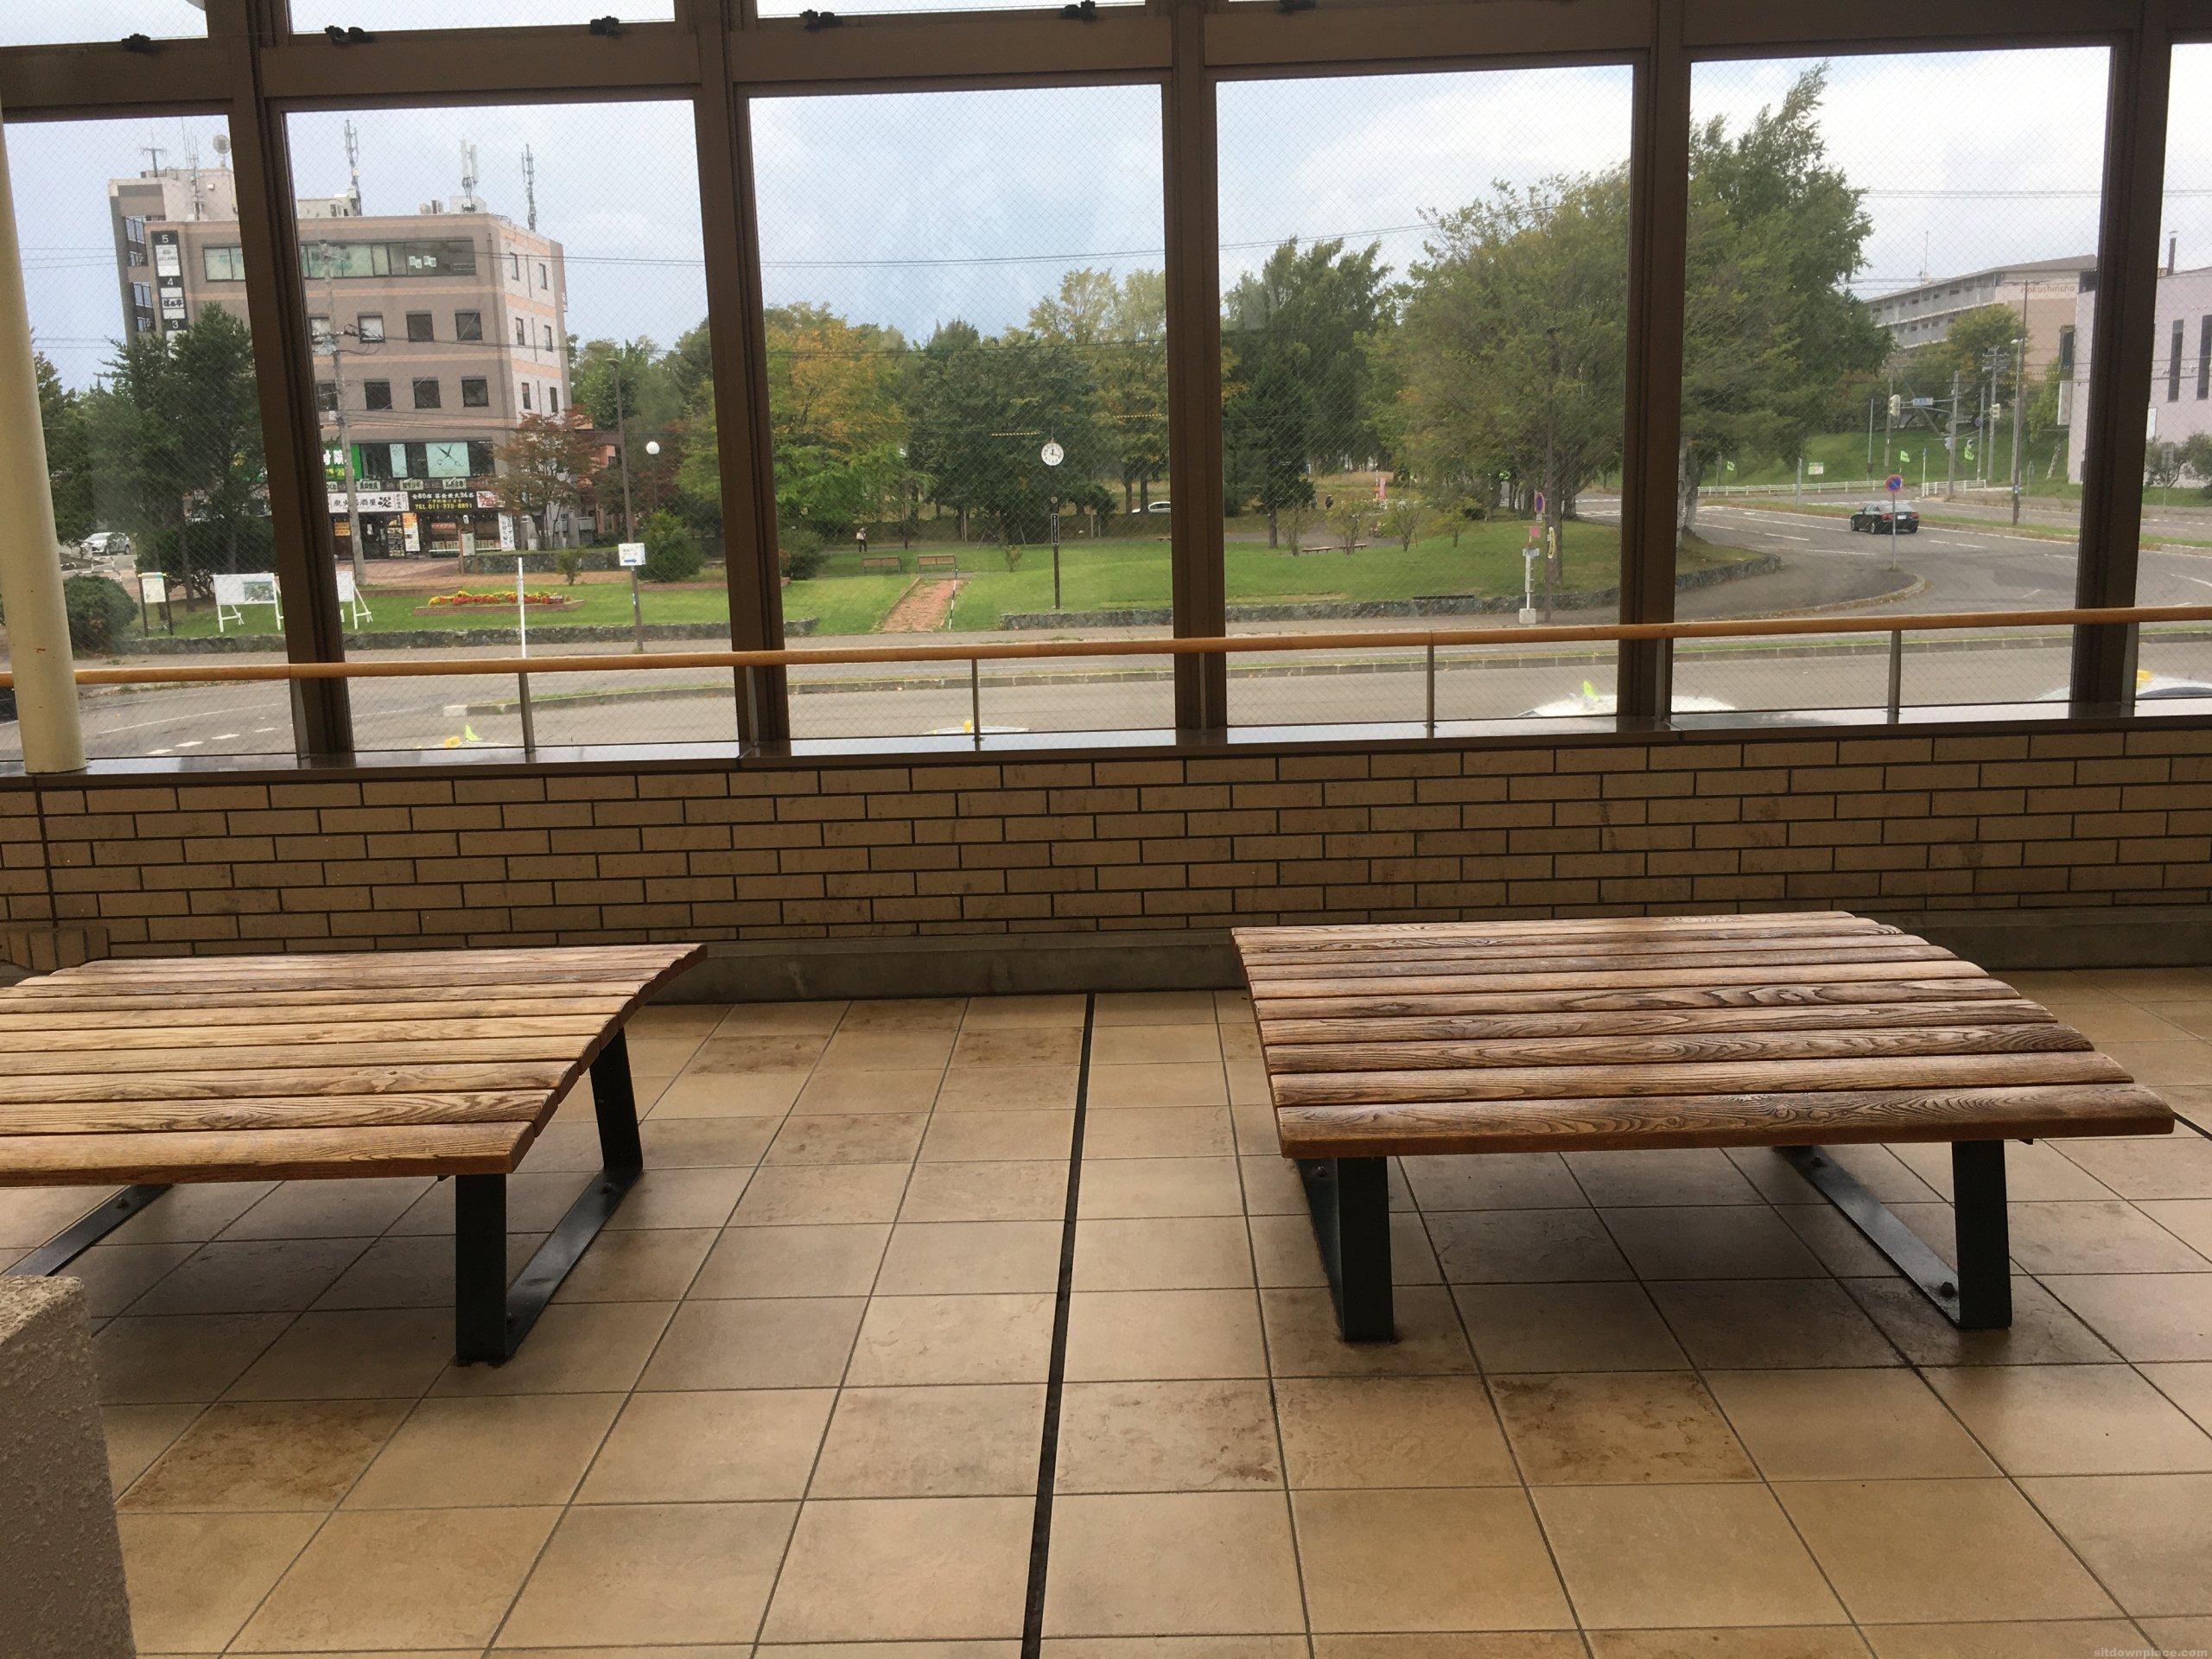 【北広島駅】北広島駅の休憩場所1